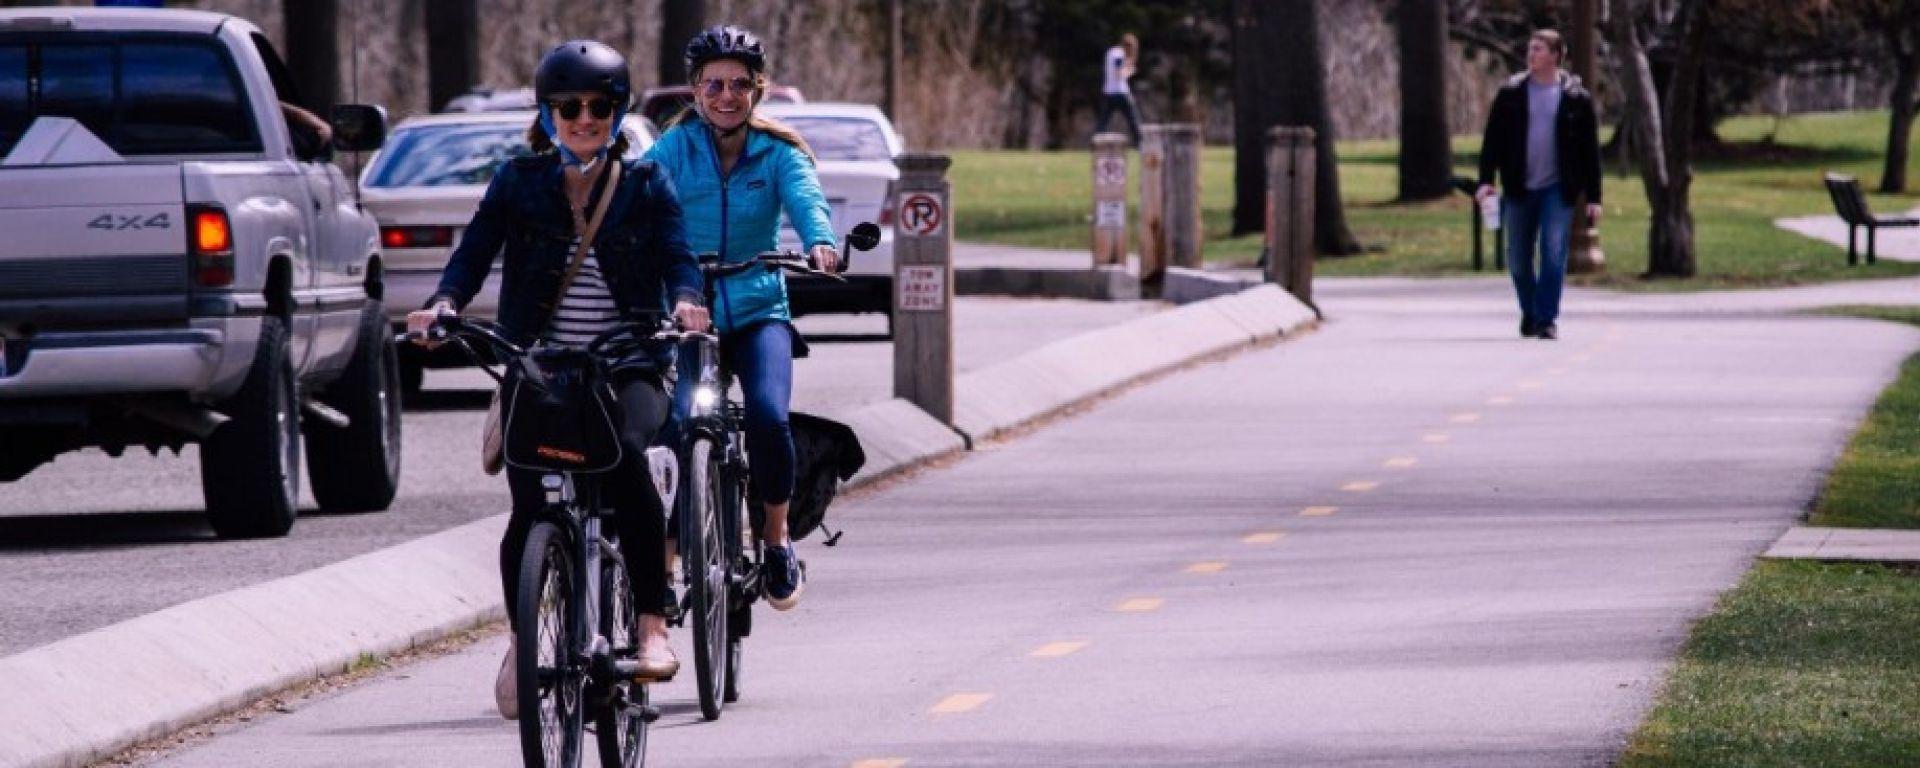 Bici: casco, targa e assicurazione obbligatorie. La proposta